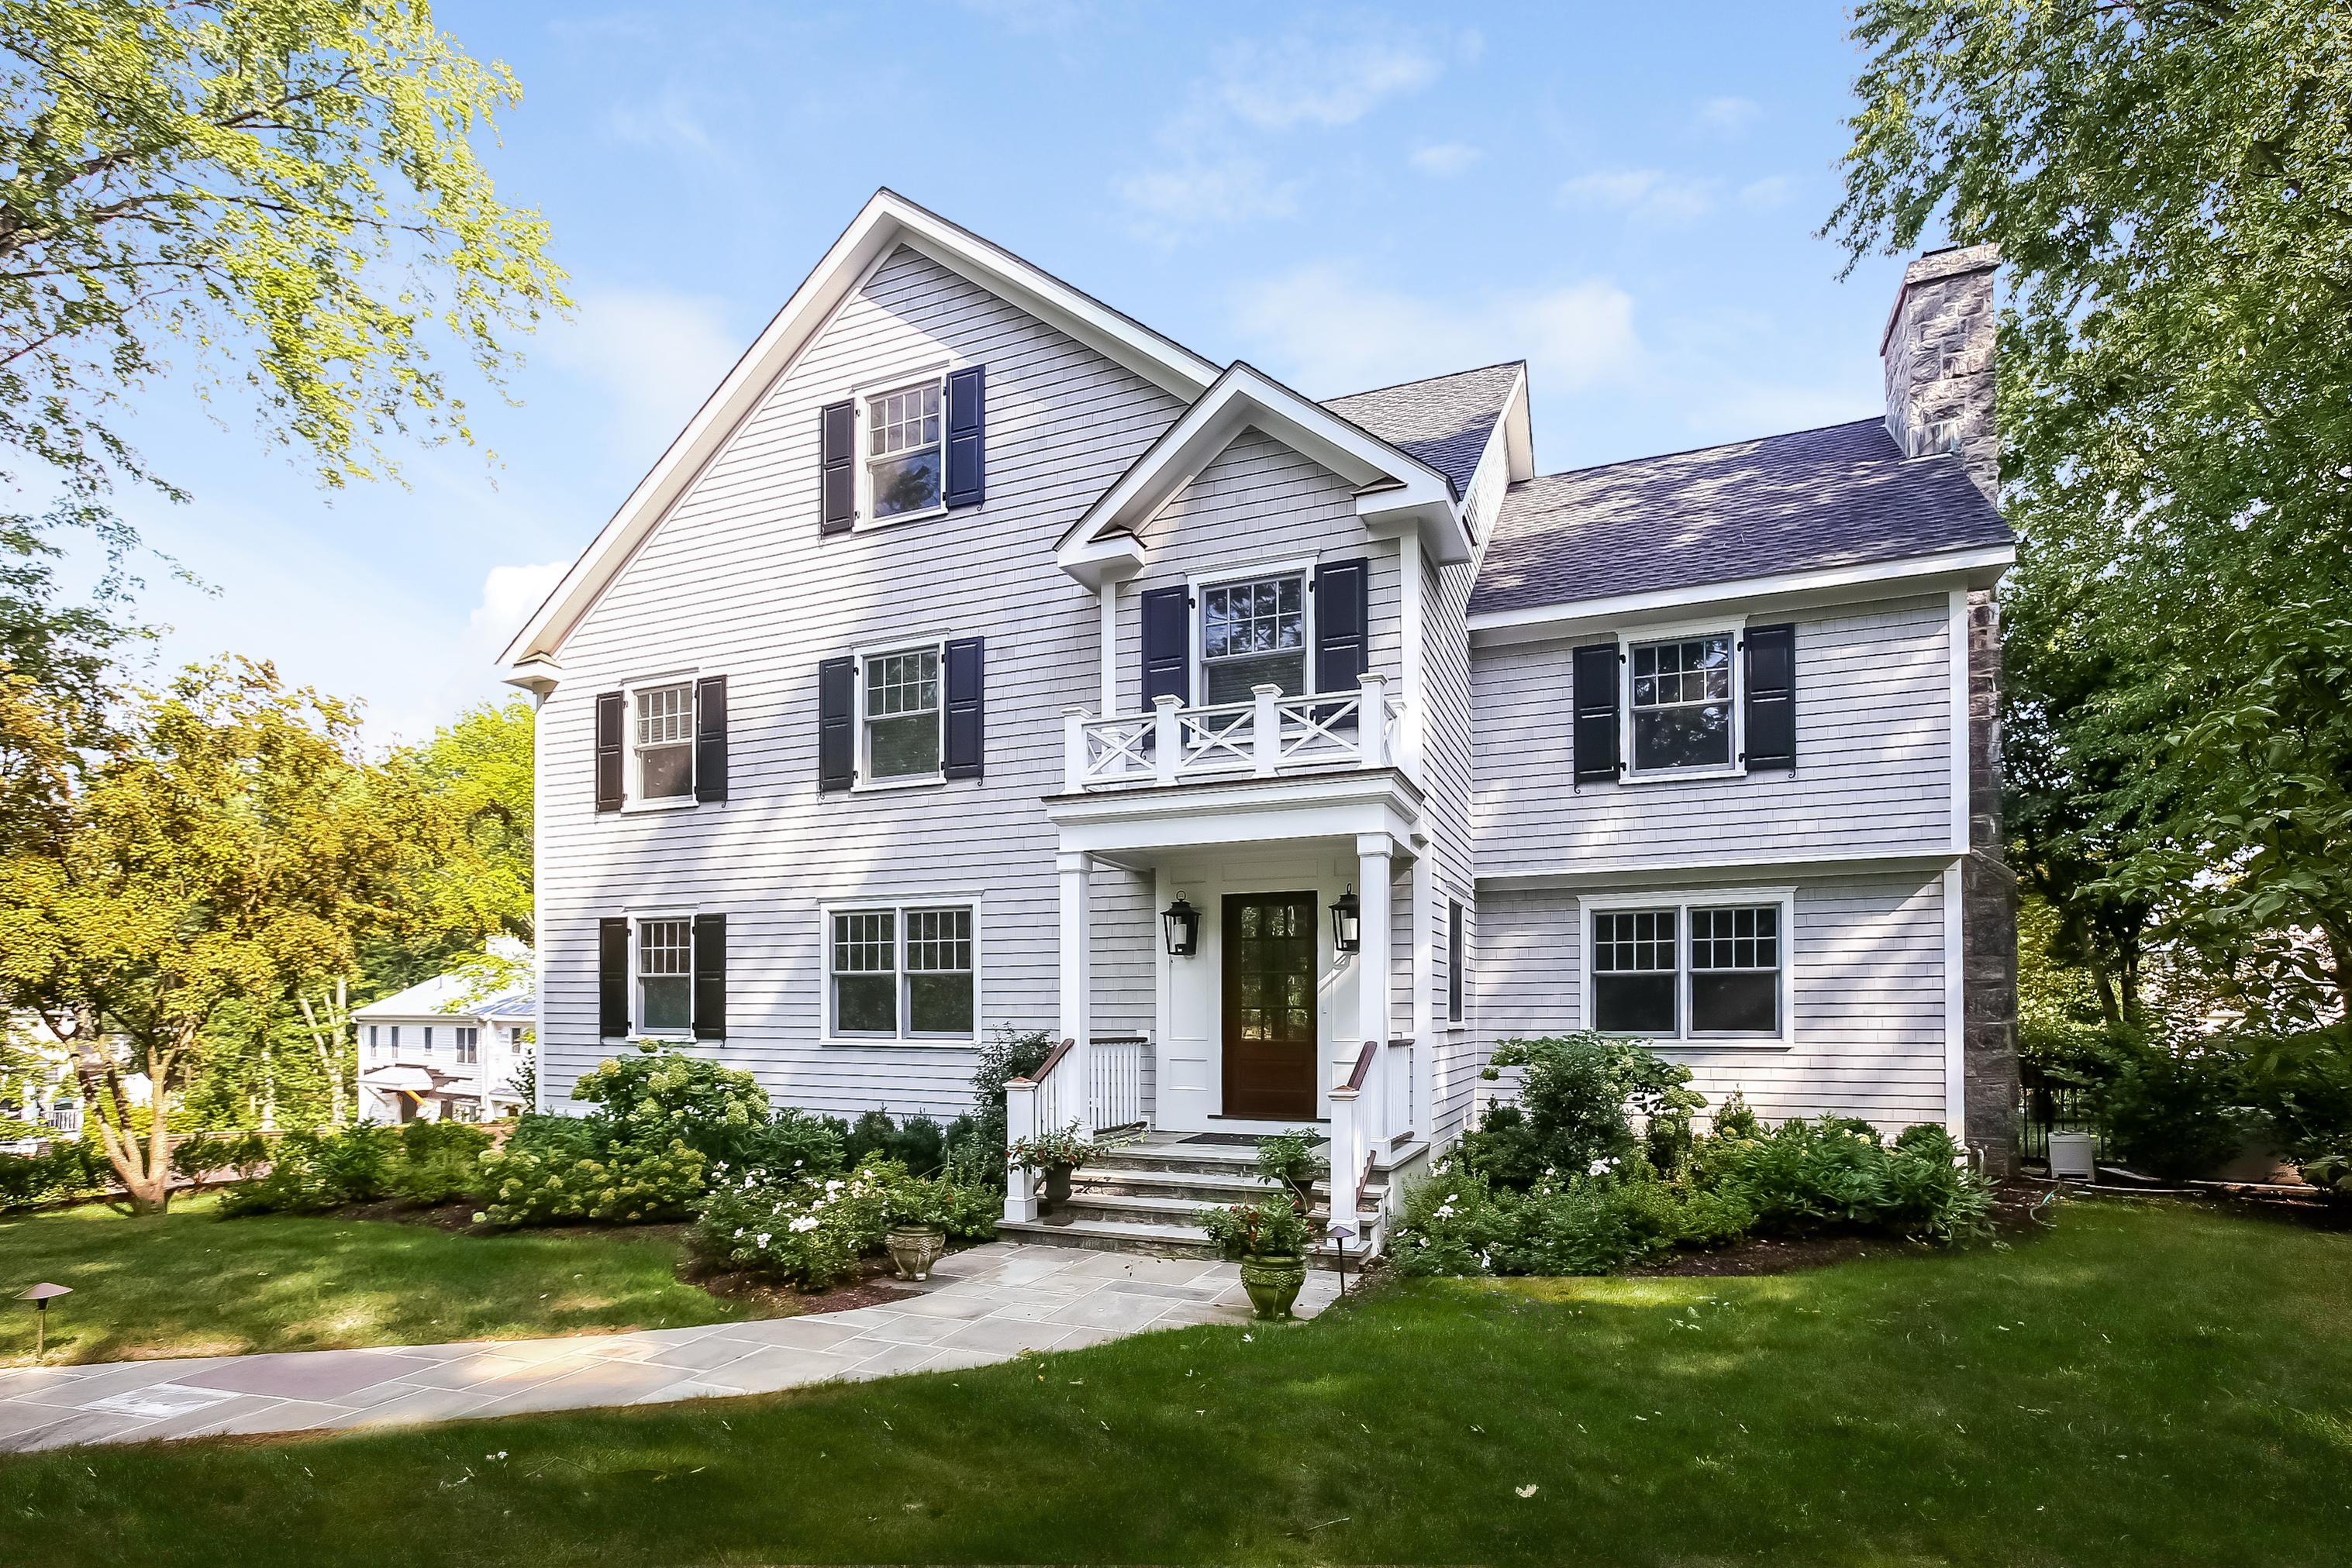 独户住宅 为 销售 在 151 Old Post Road 拉伊, 纽约州, 10580 美国